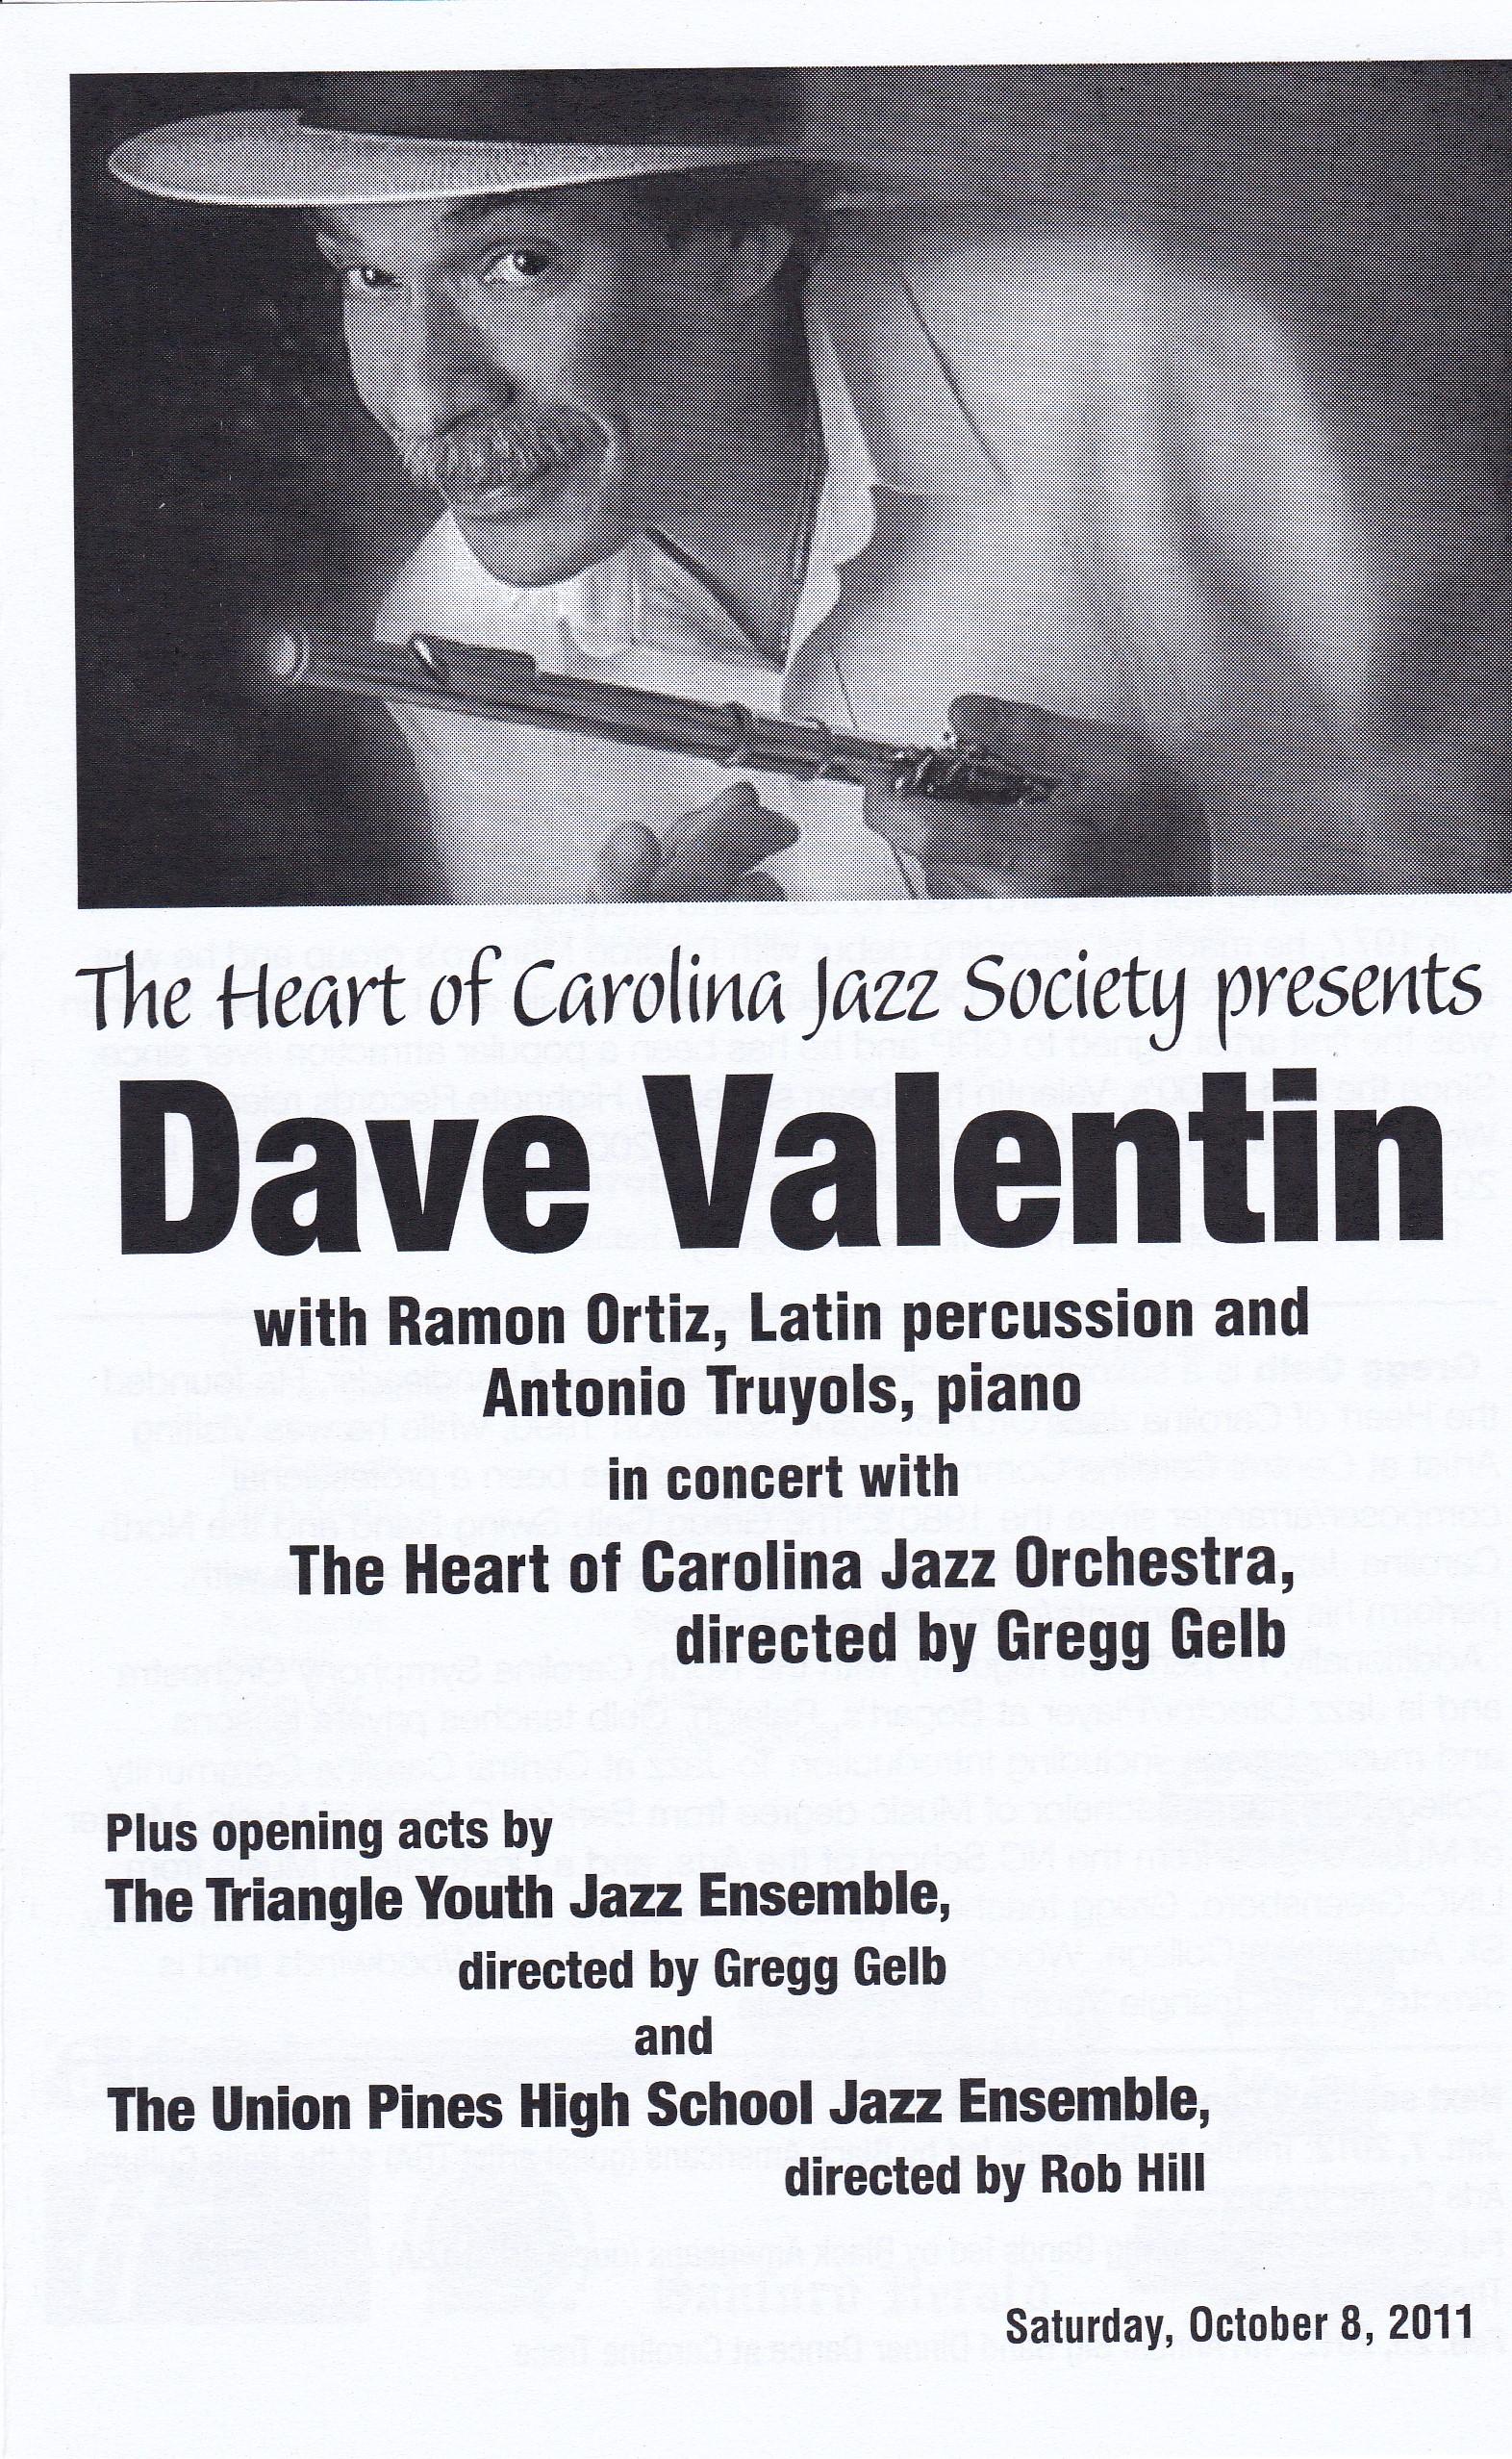 HOCJO-presents-Dave-Valentin-2011